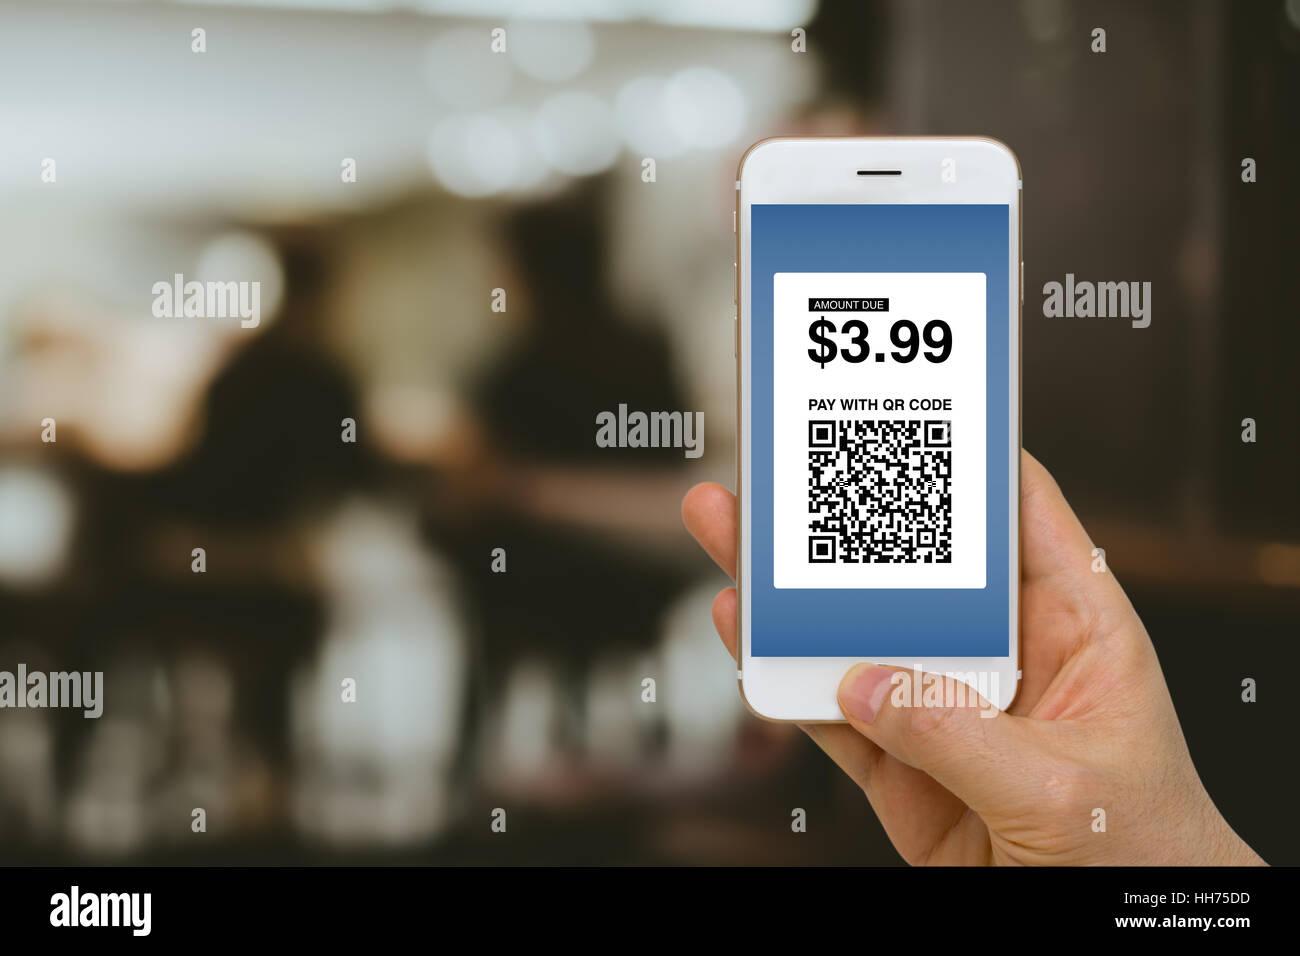 FinTech Konzept, Zahlung für waren und Dienstleistungen per Smartphone mit E-Wallet und E-Geld. Stockbild